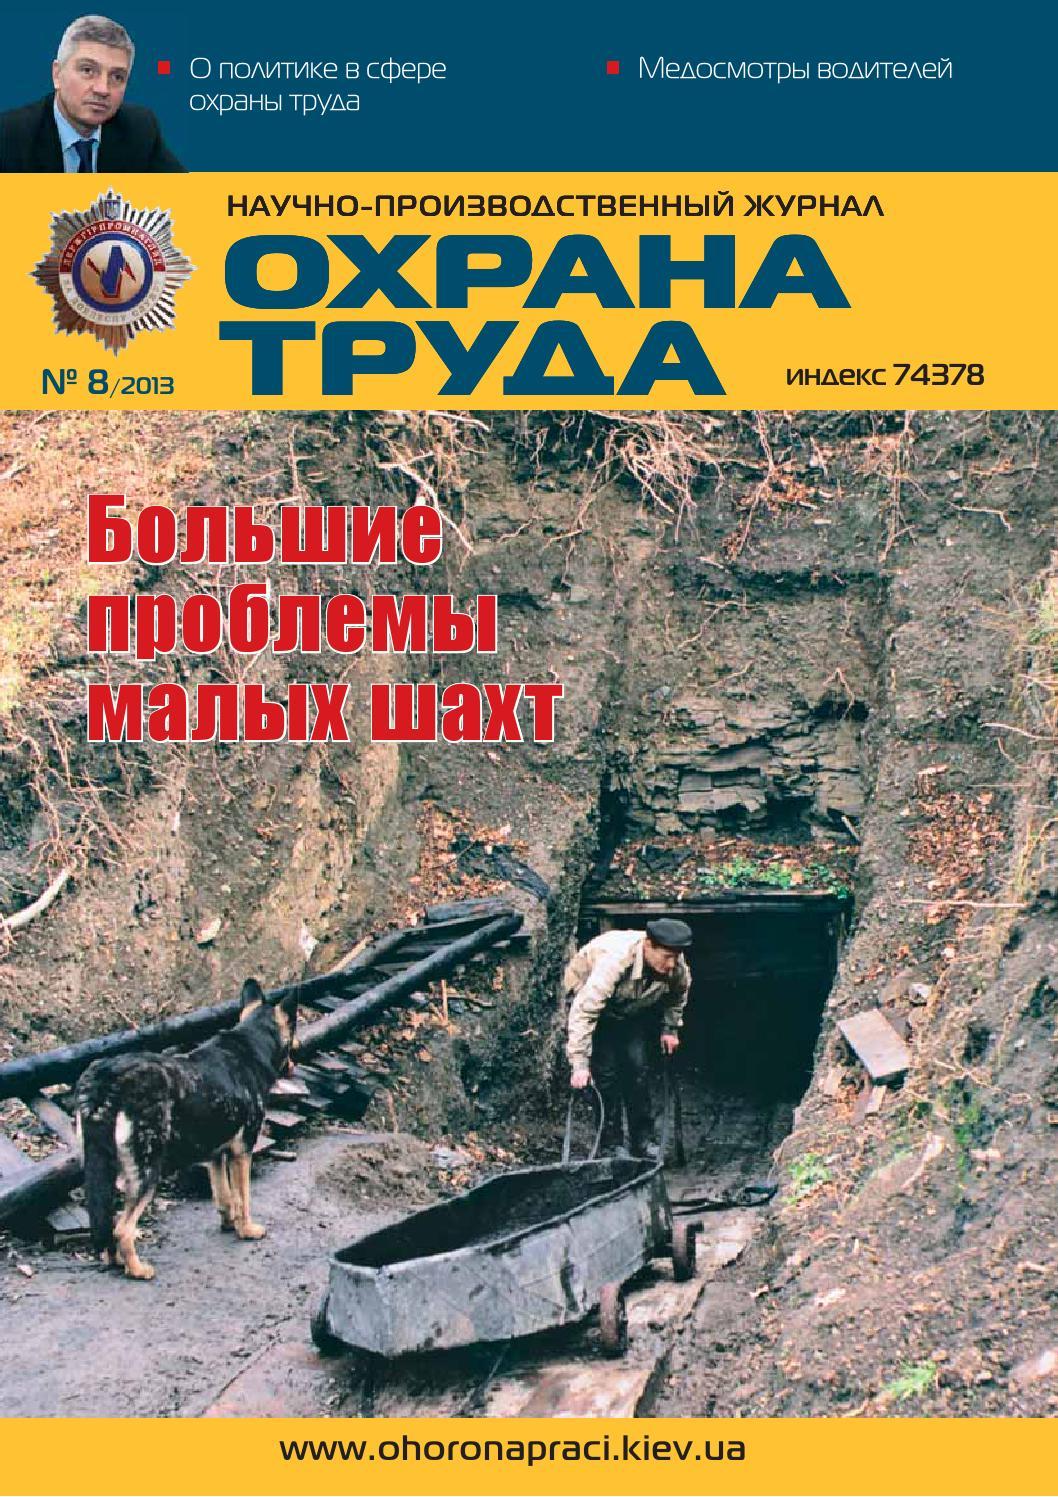 должностная инструкция для сторожа больницы в украине